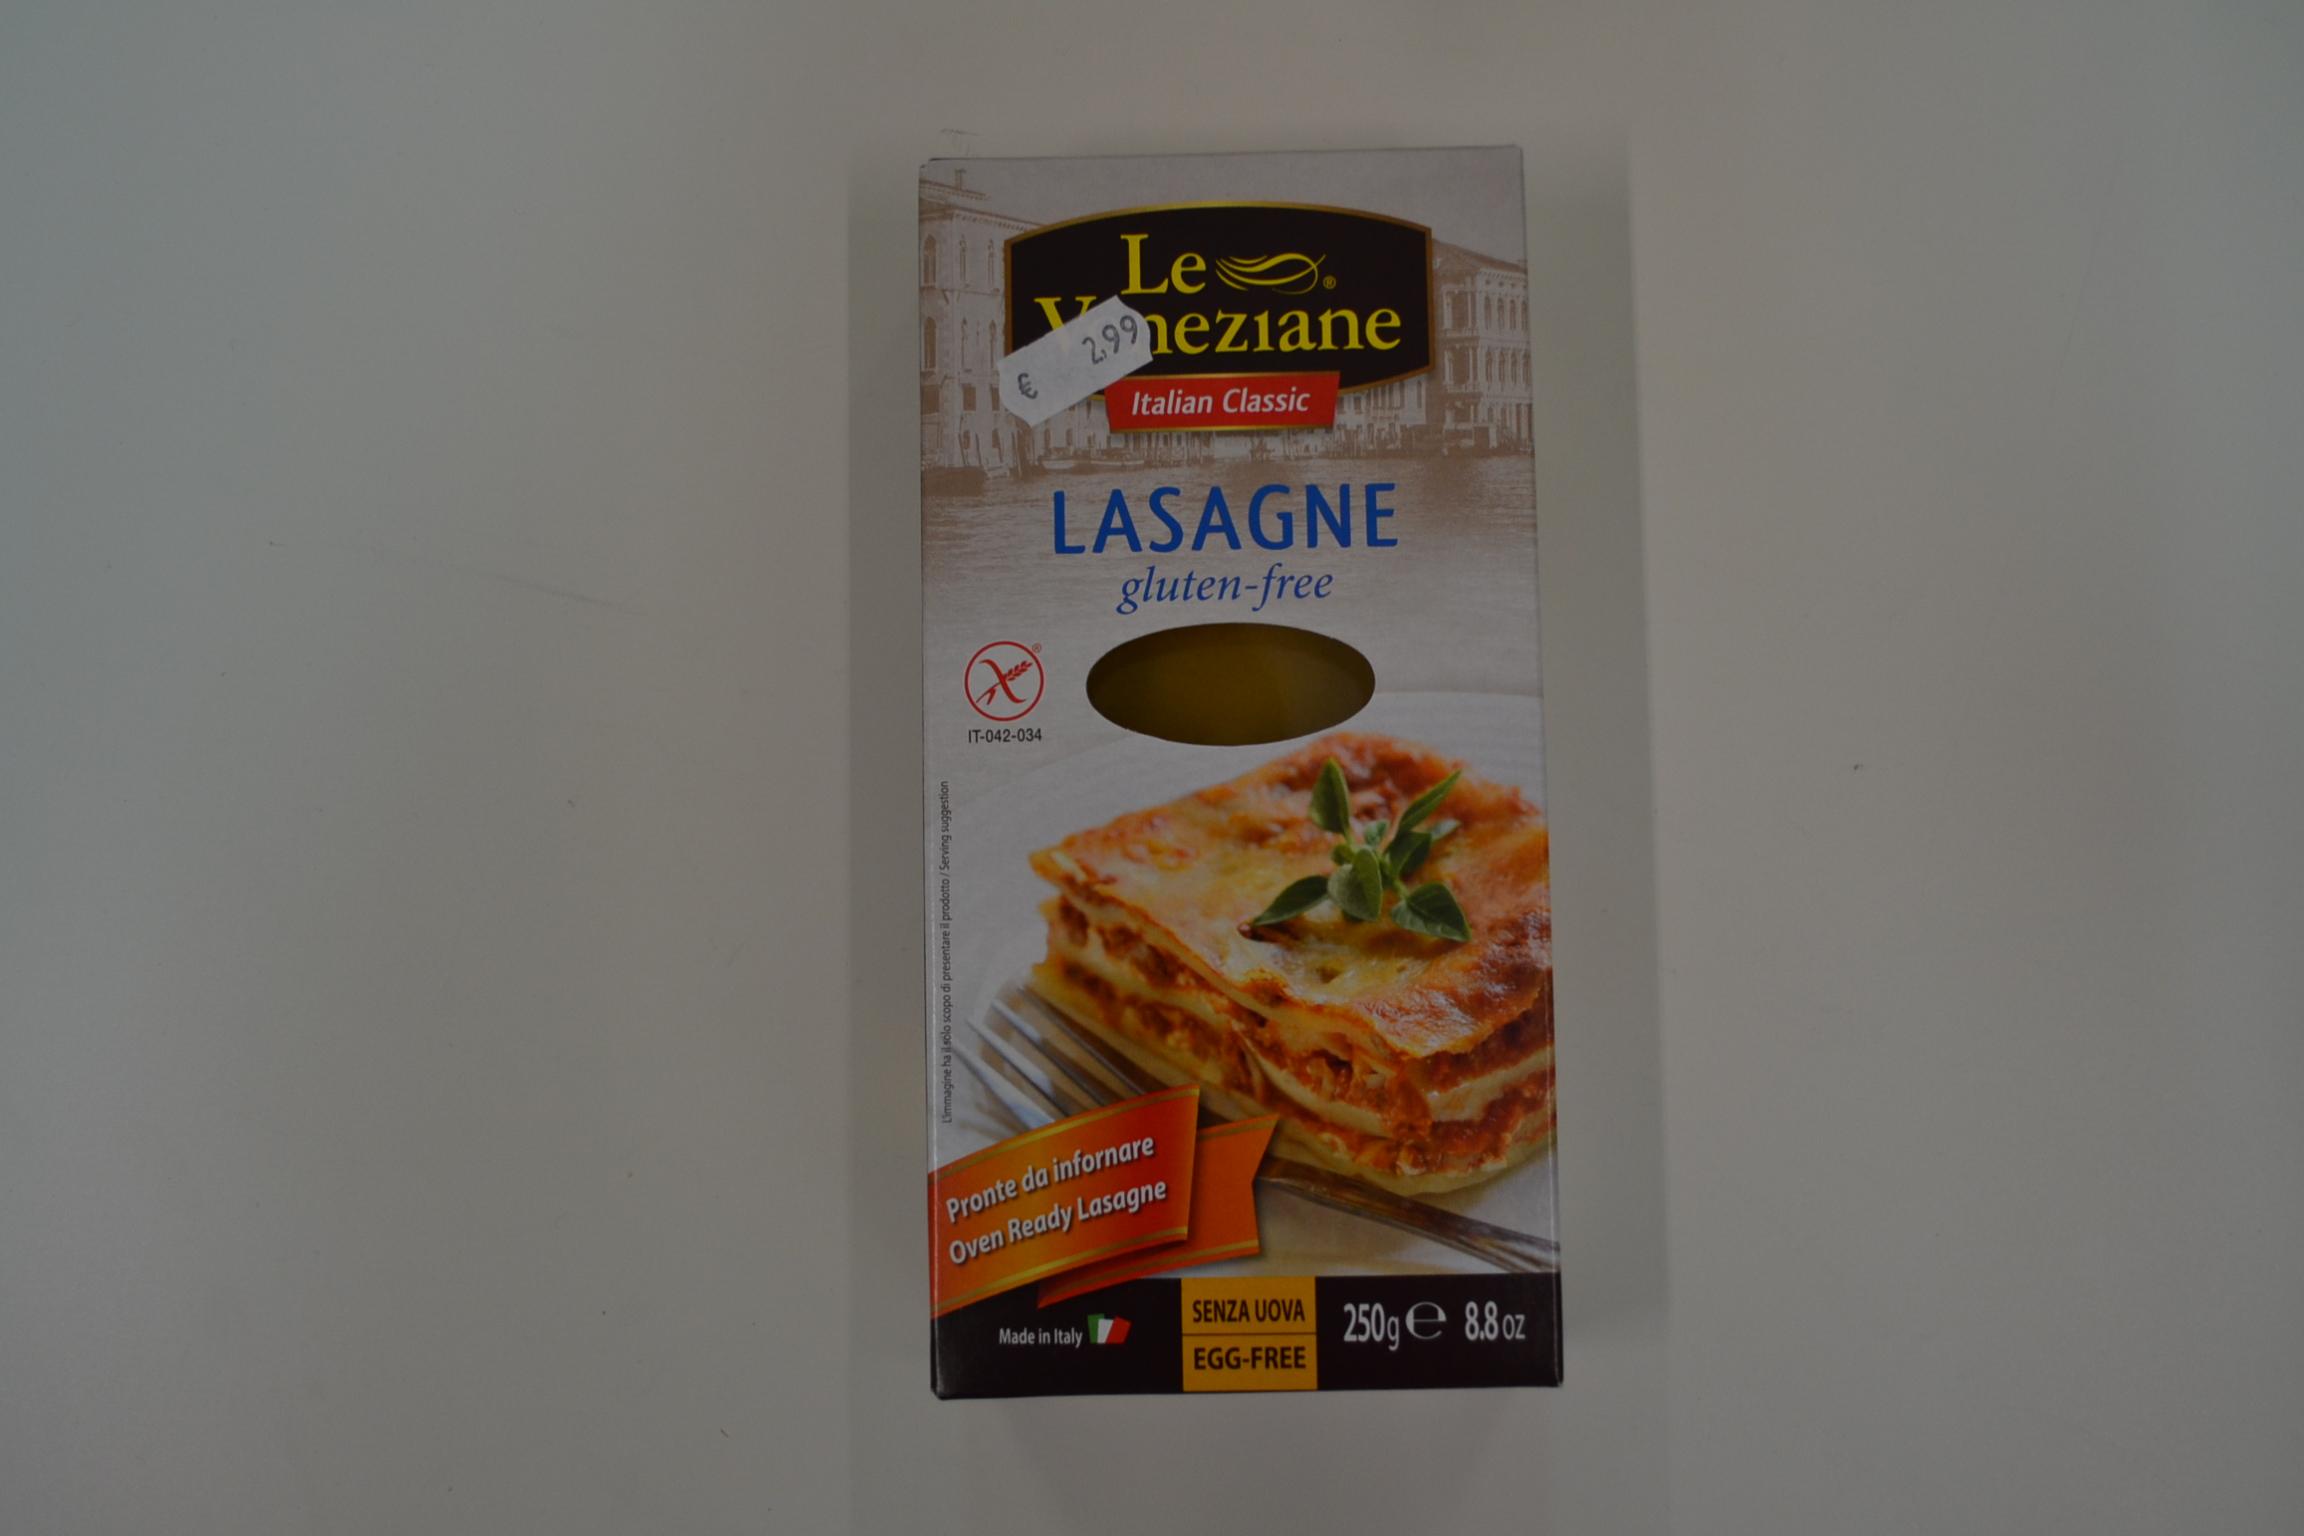 Lasagne LE VENEZIANE € 2,99